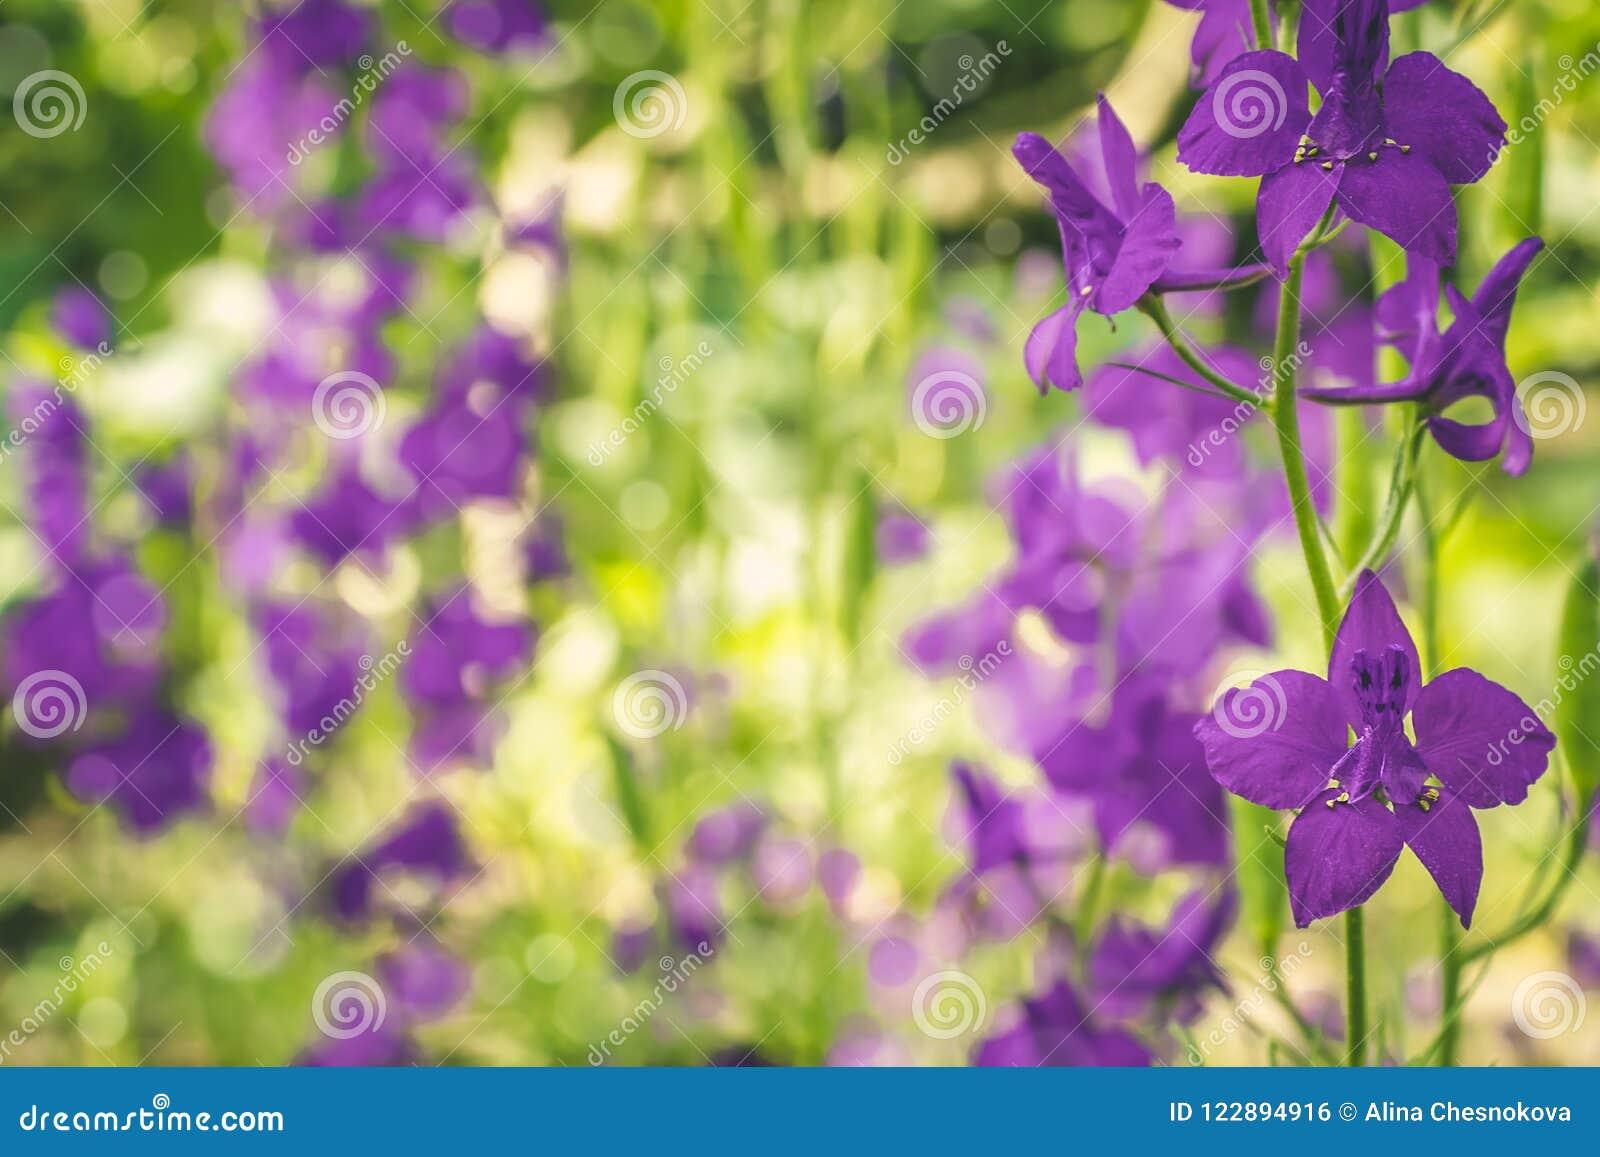 在自然的美丽的紫色翠雀花